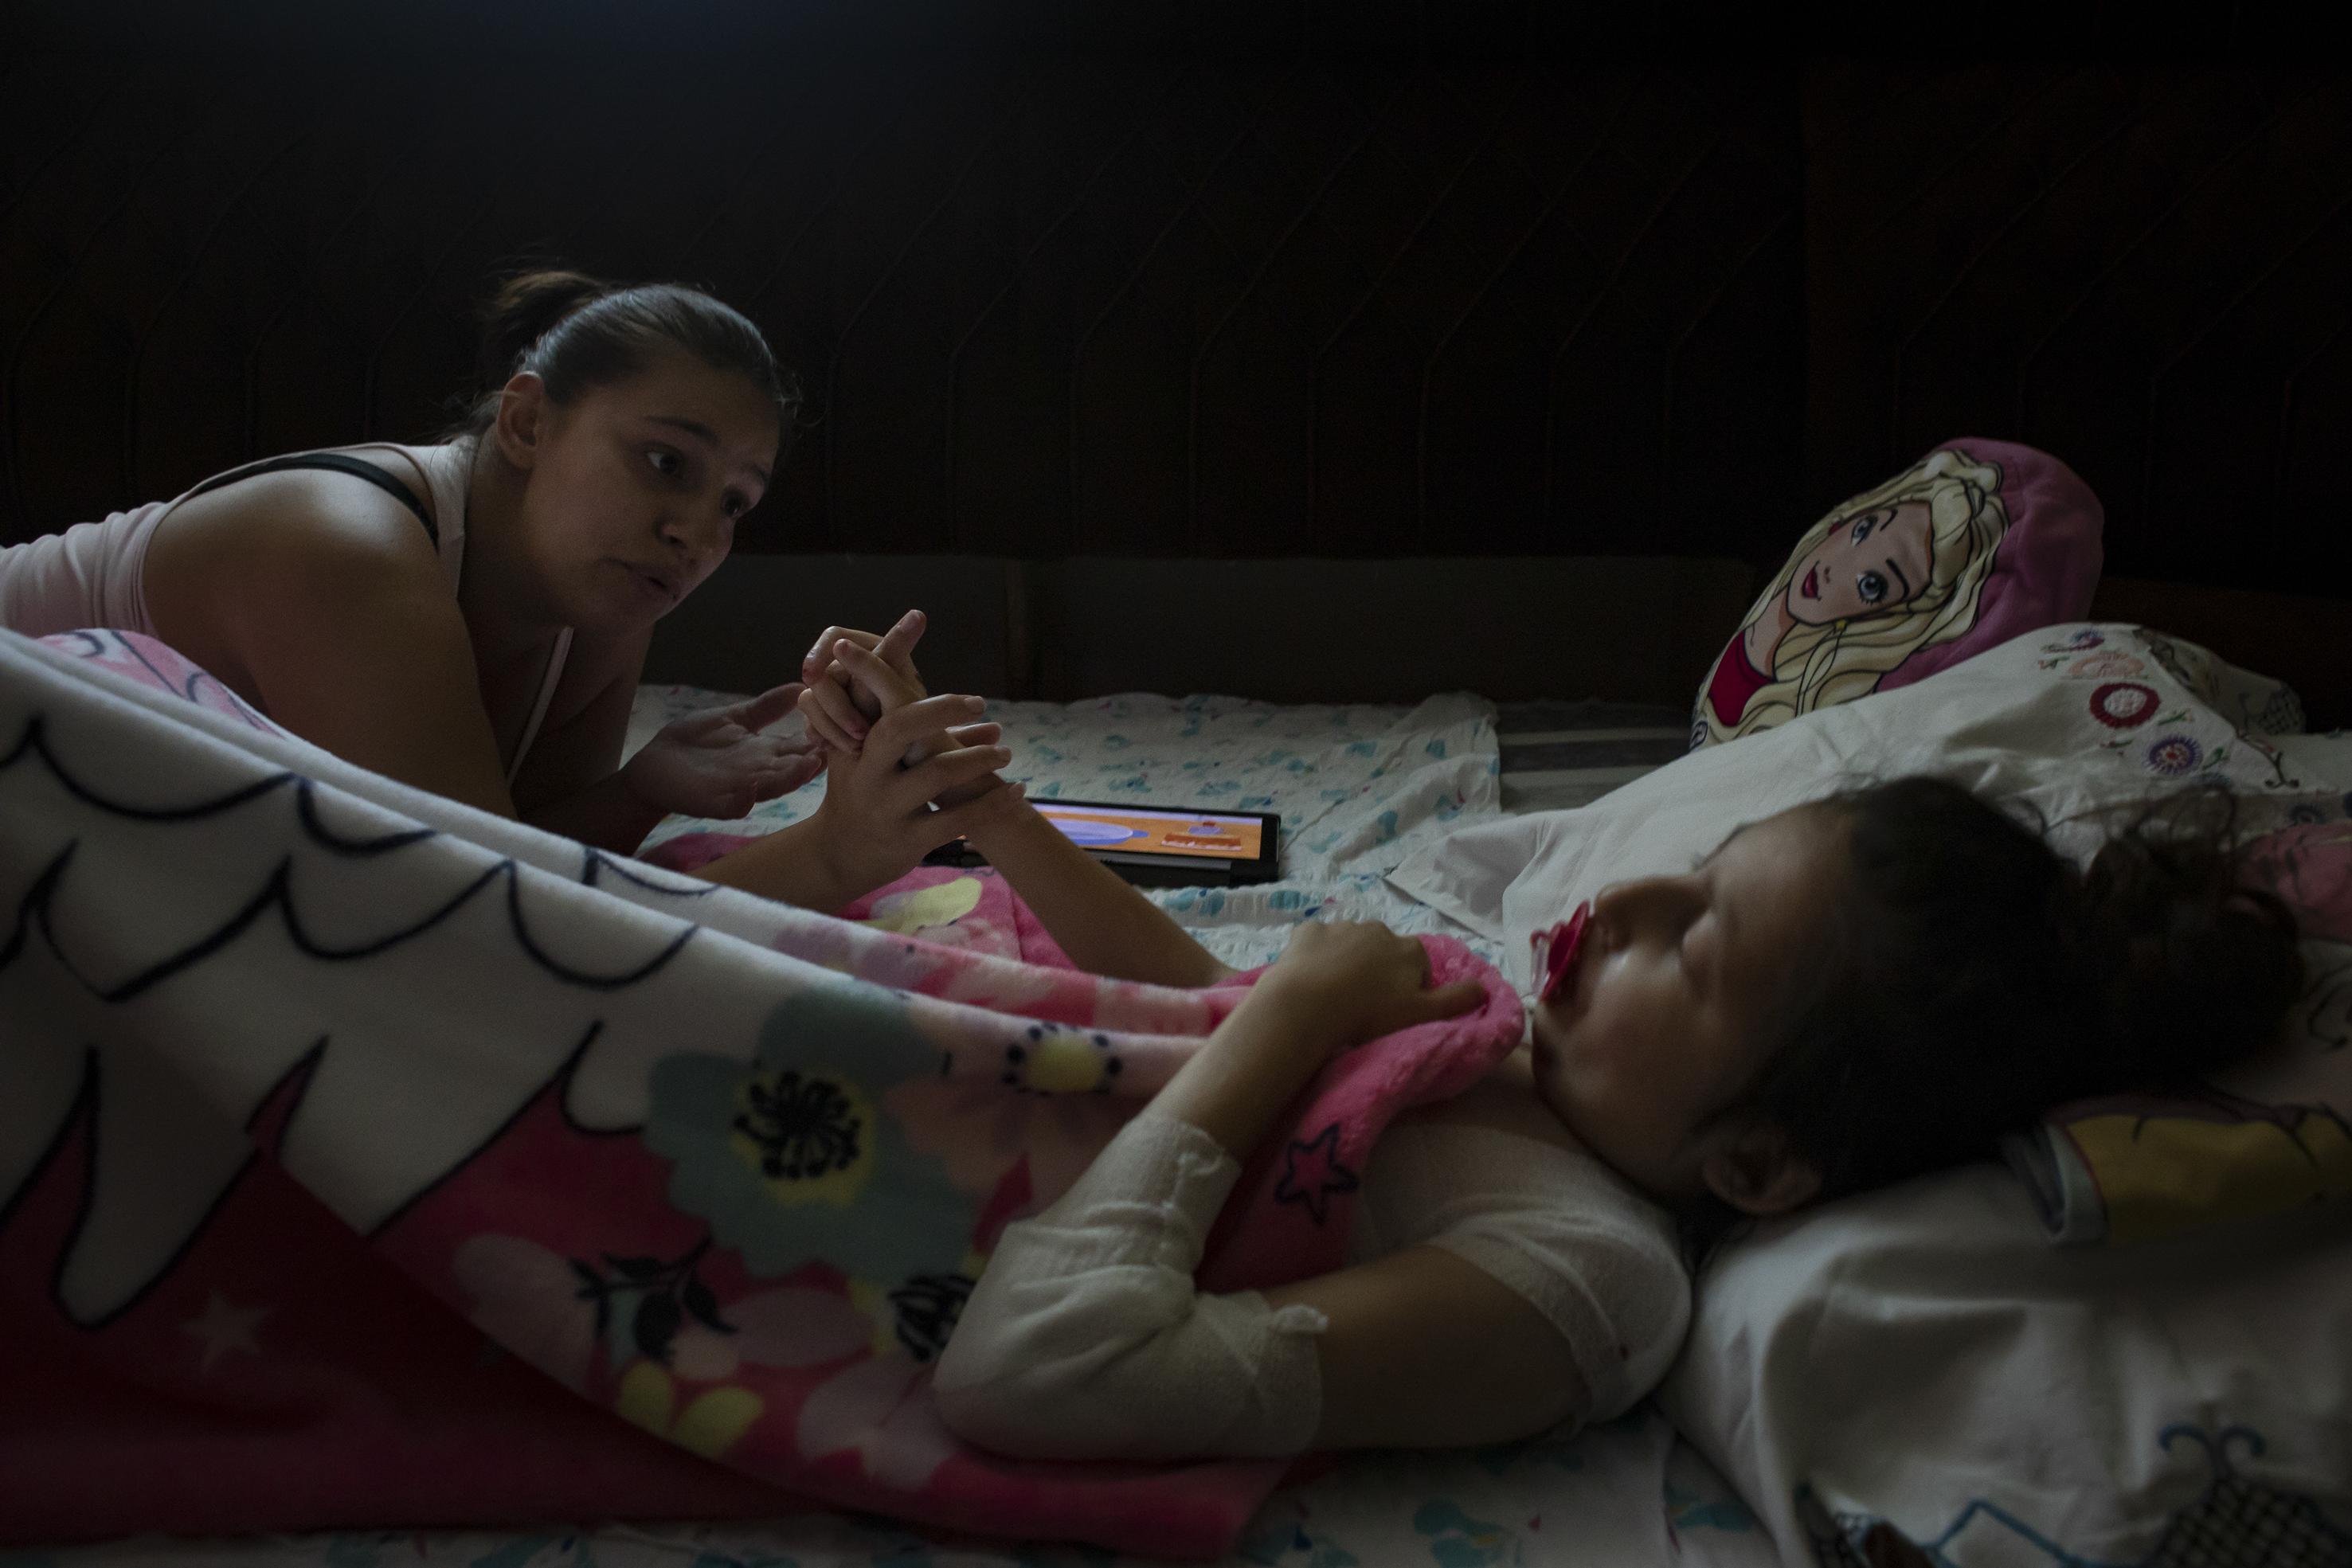 Fotó: Kovács Bea: Bár Miranda a nagymamájával élt, a hosszú, súlyos betegségben eltöltött évek alatt anya és lánya egyre közelebb került egymáshoz.